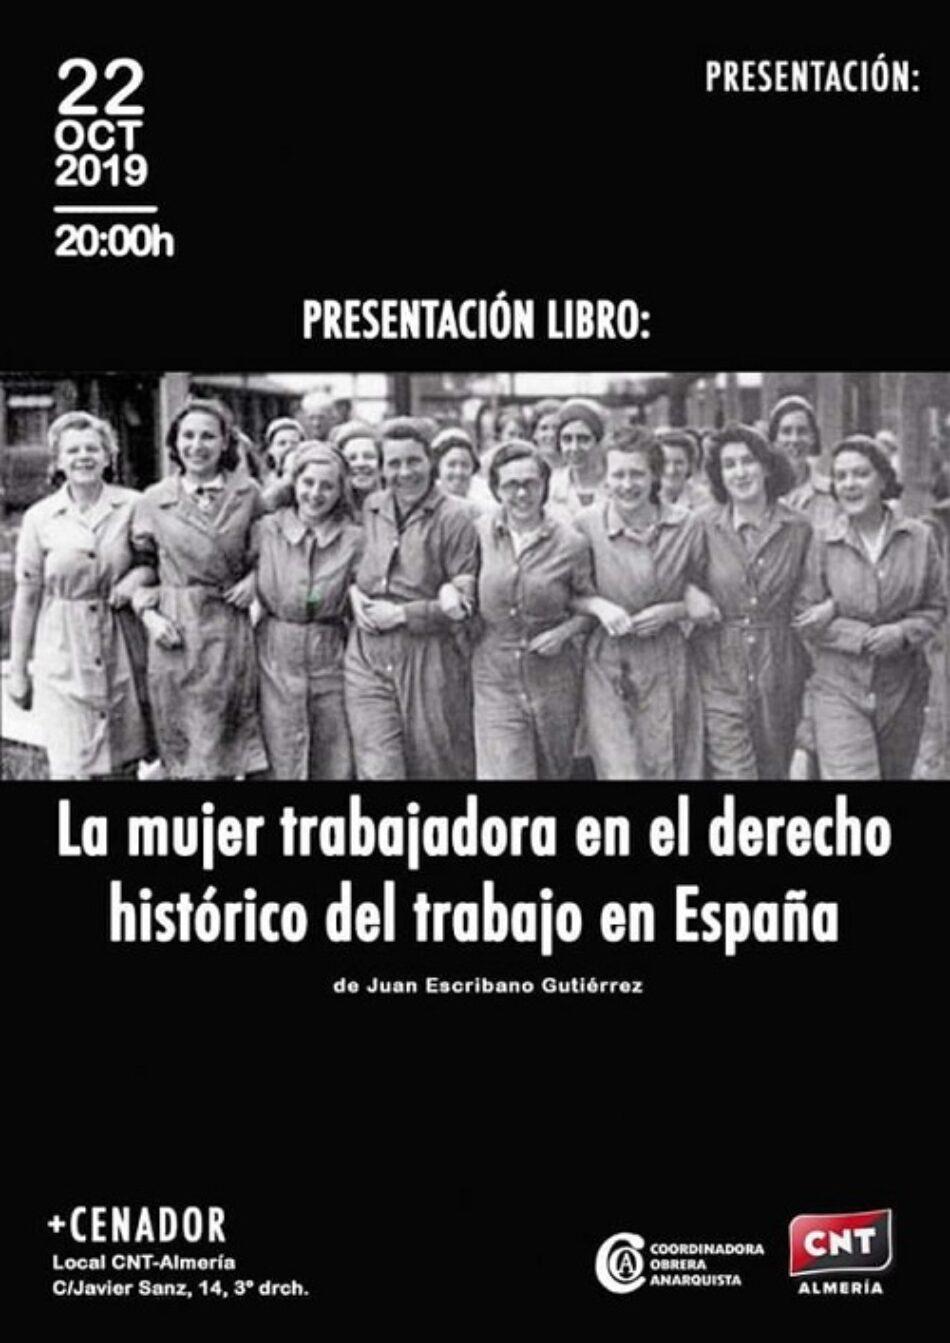 22 de octubre. Presentación de 'La mujer trabajadora en el derecho histórico del trabajo en España'